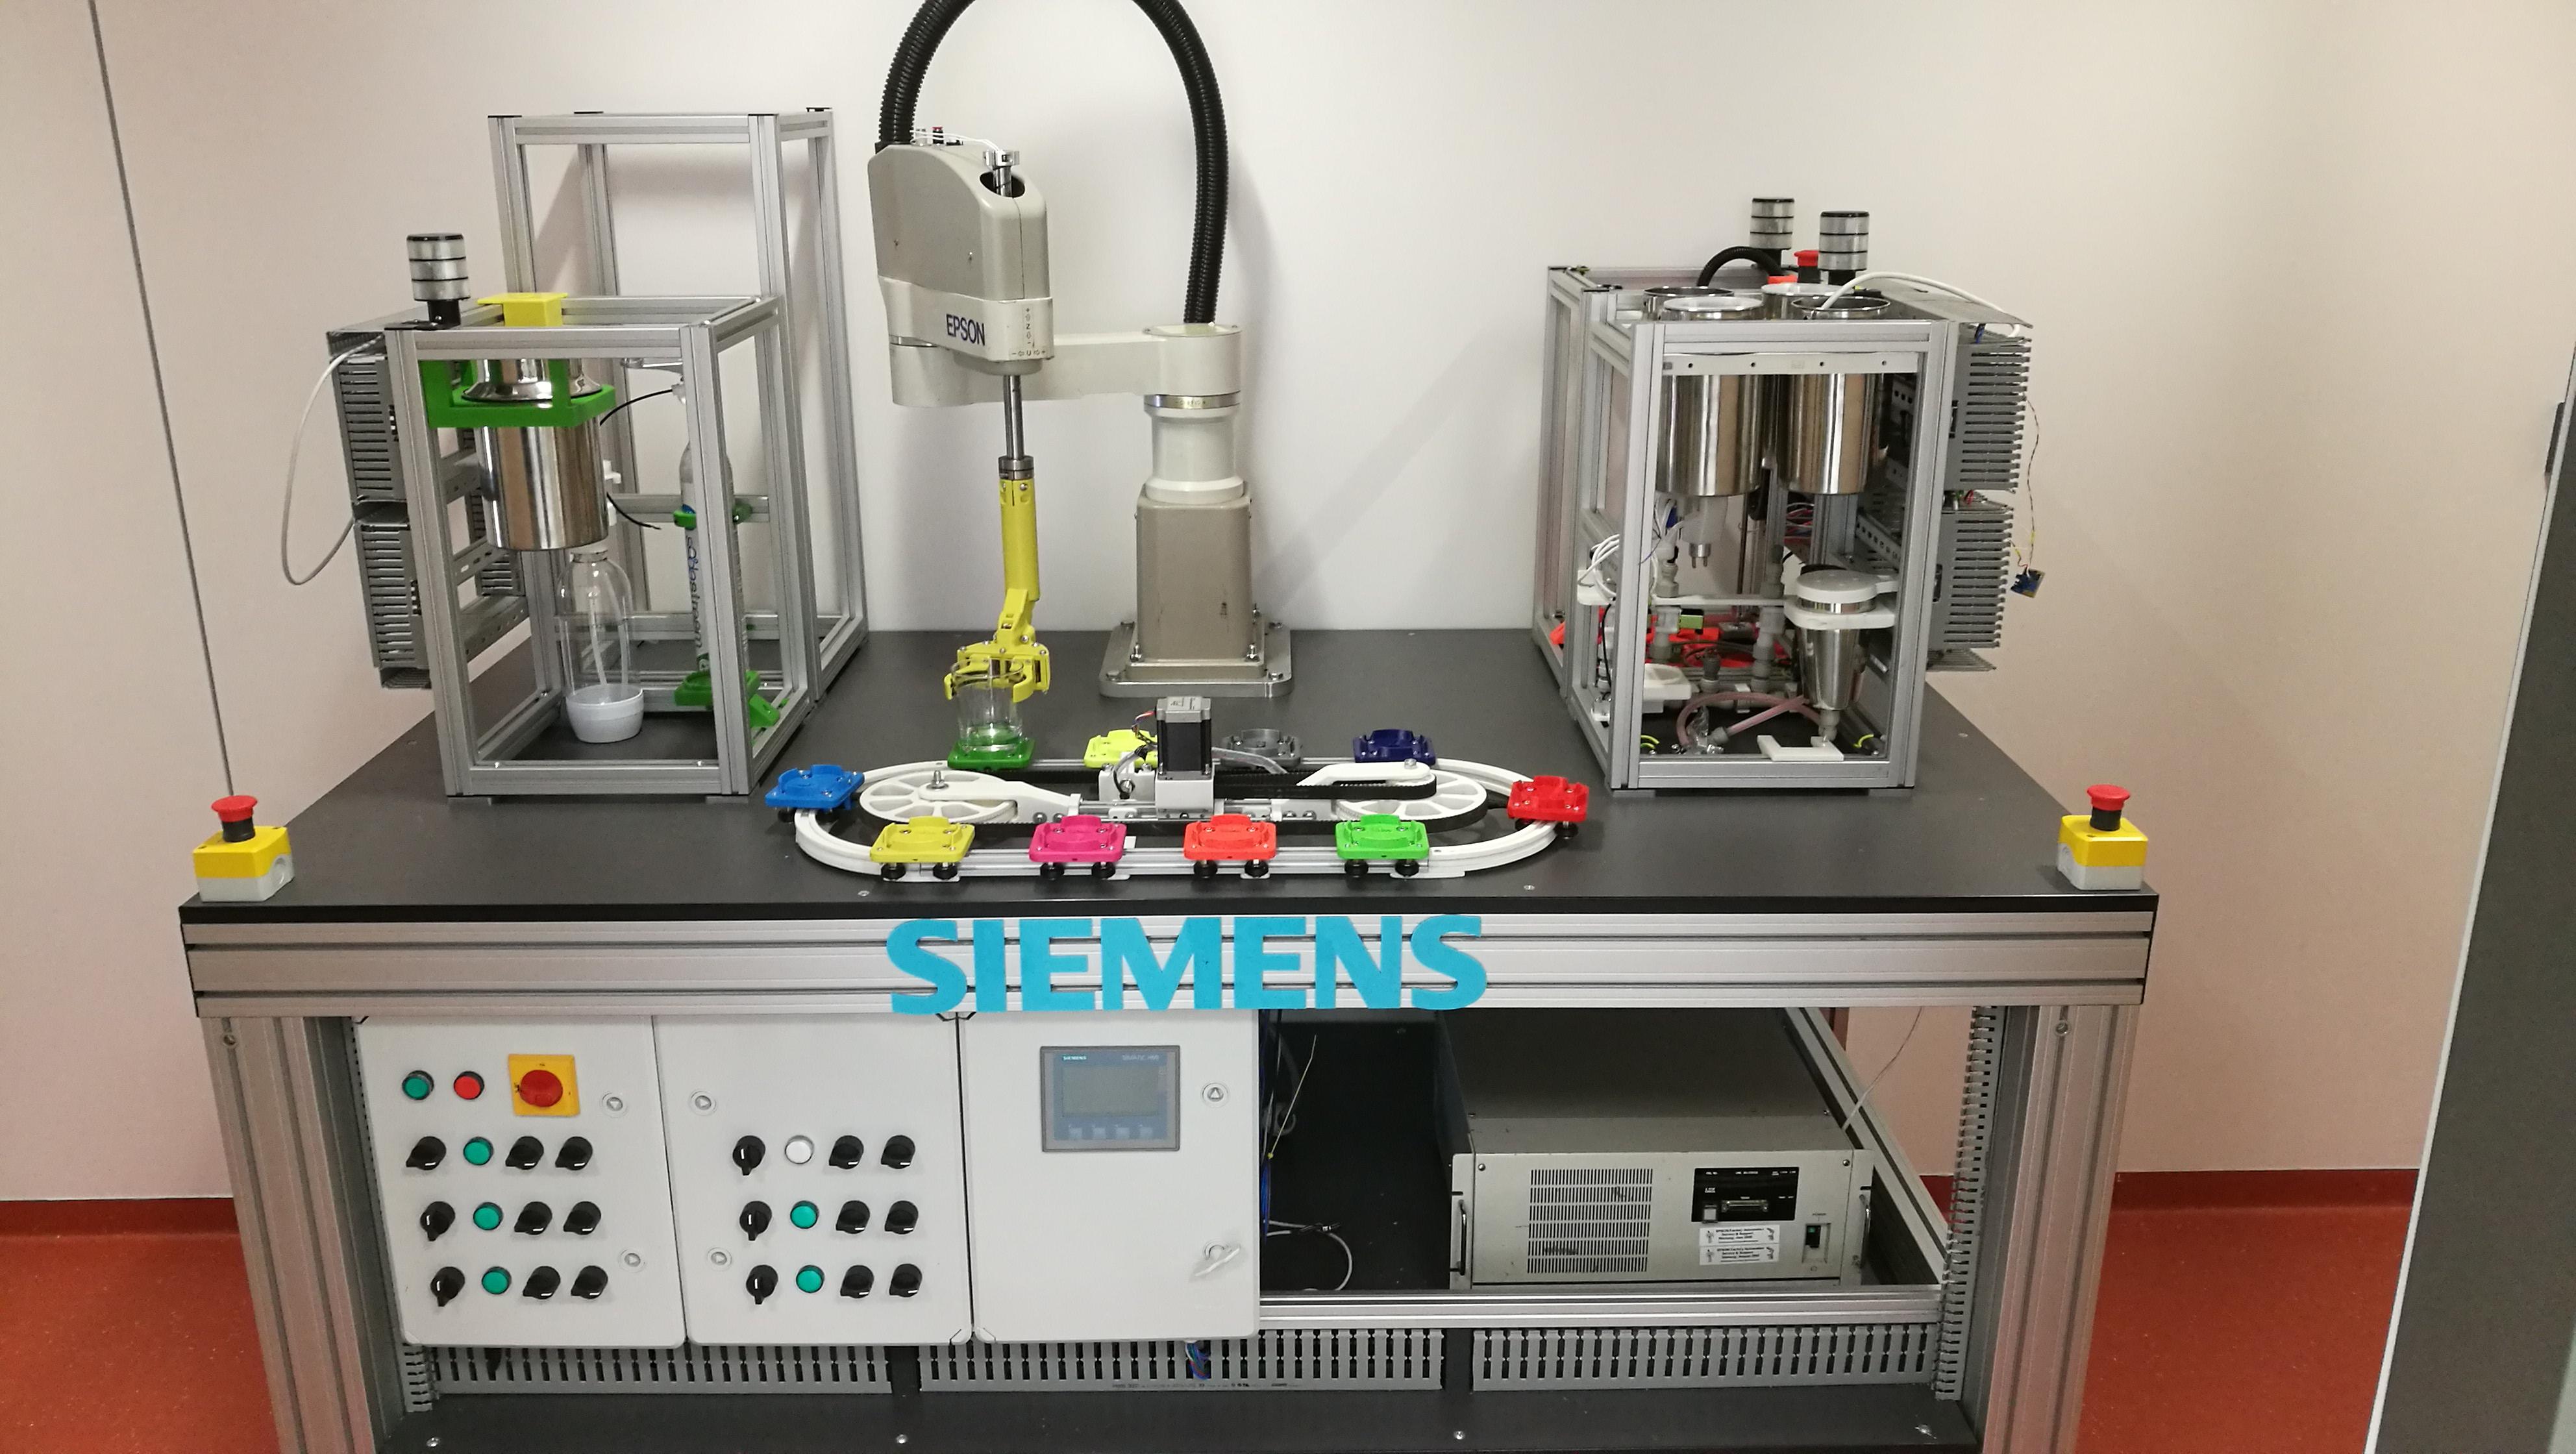 Skupina průmyslové automatizace - Testbed pro výuku průmyslové automatizace